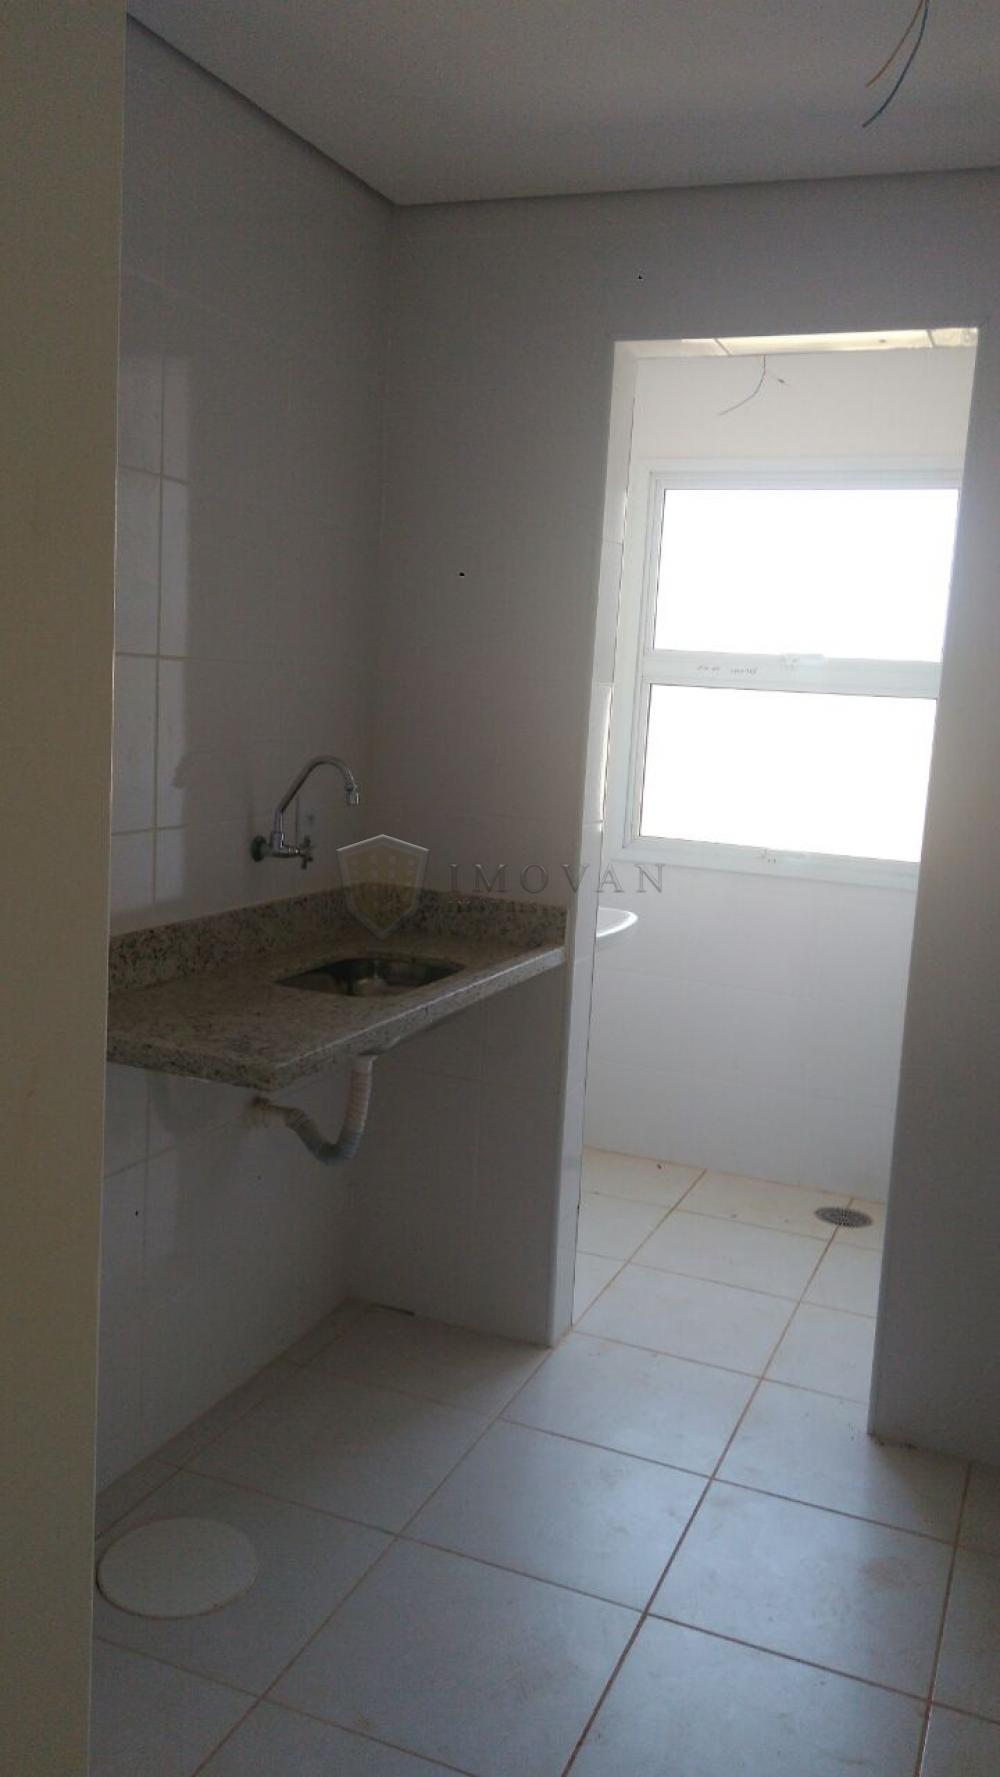 Comprar Apartamento / Padrão em Ribeirão Preto apenas R$ 255.000,00 - Foto 10